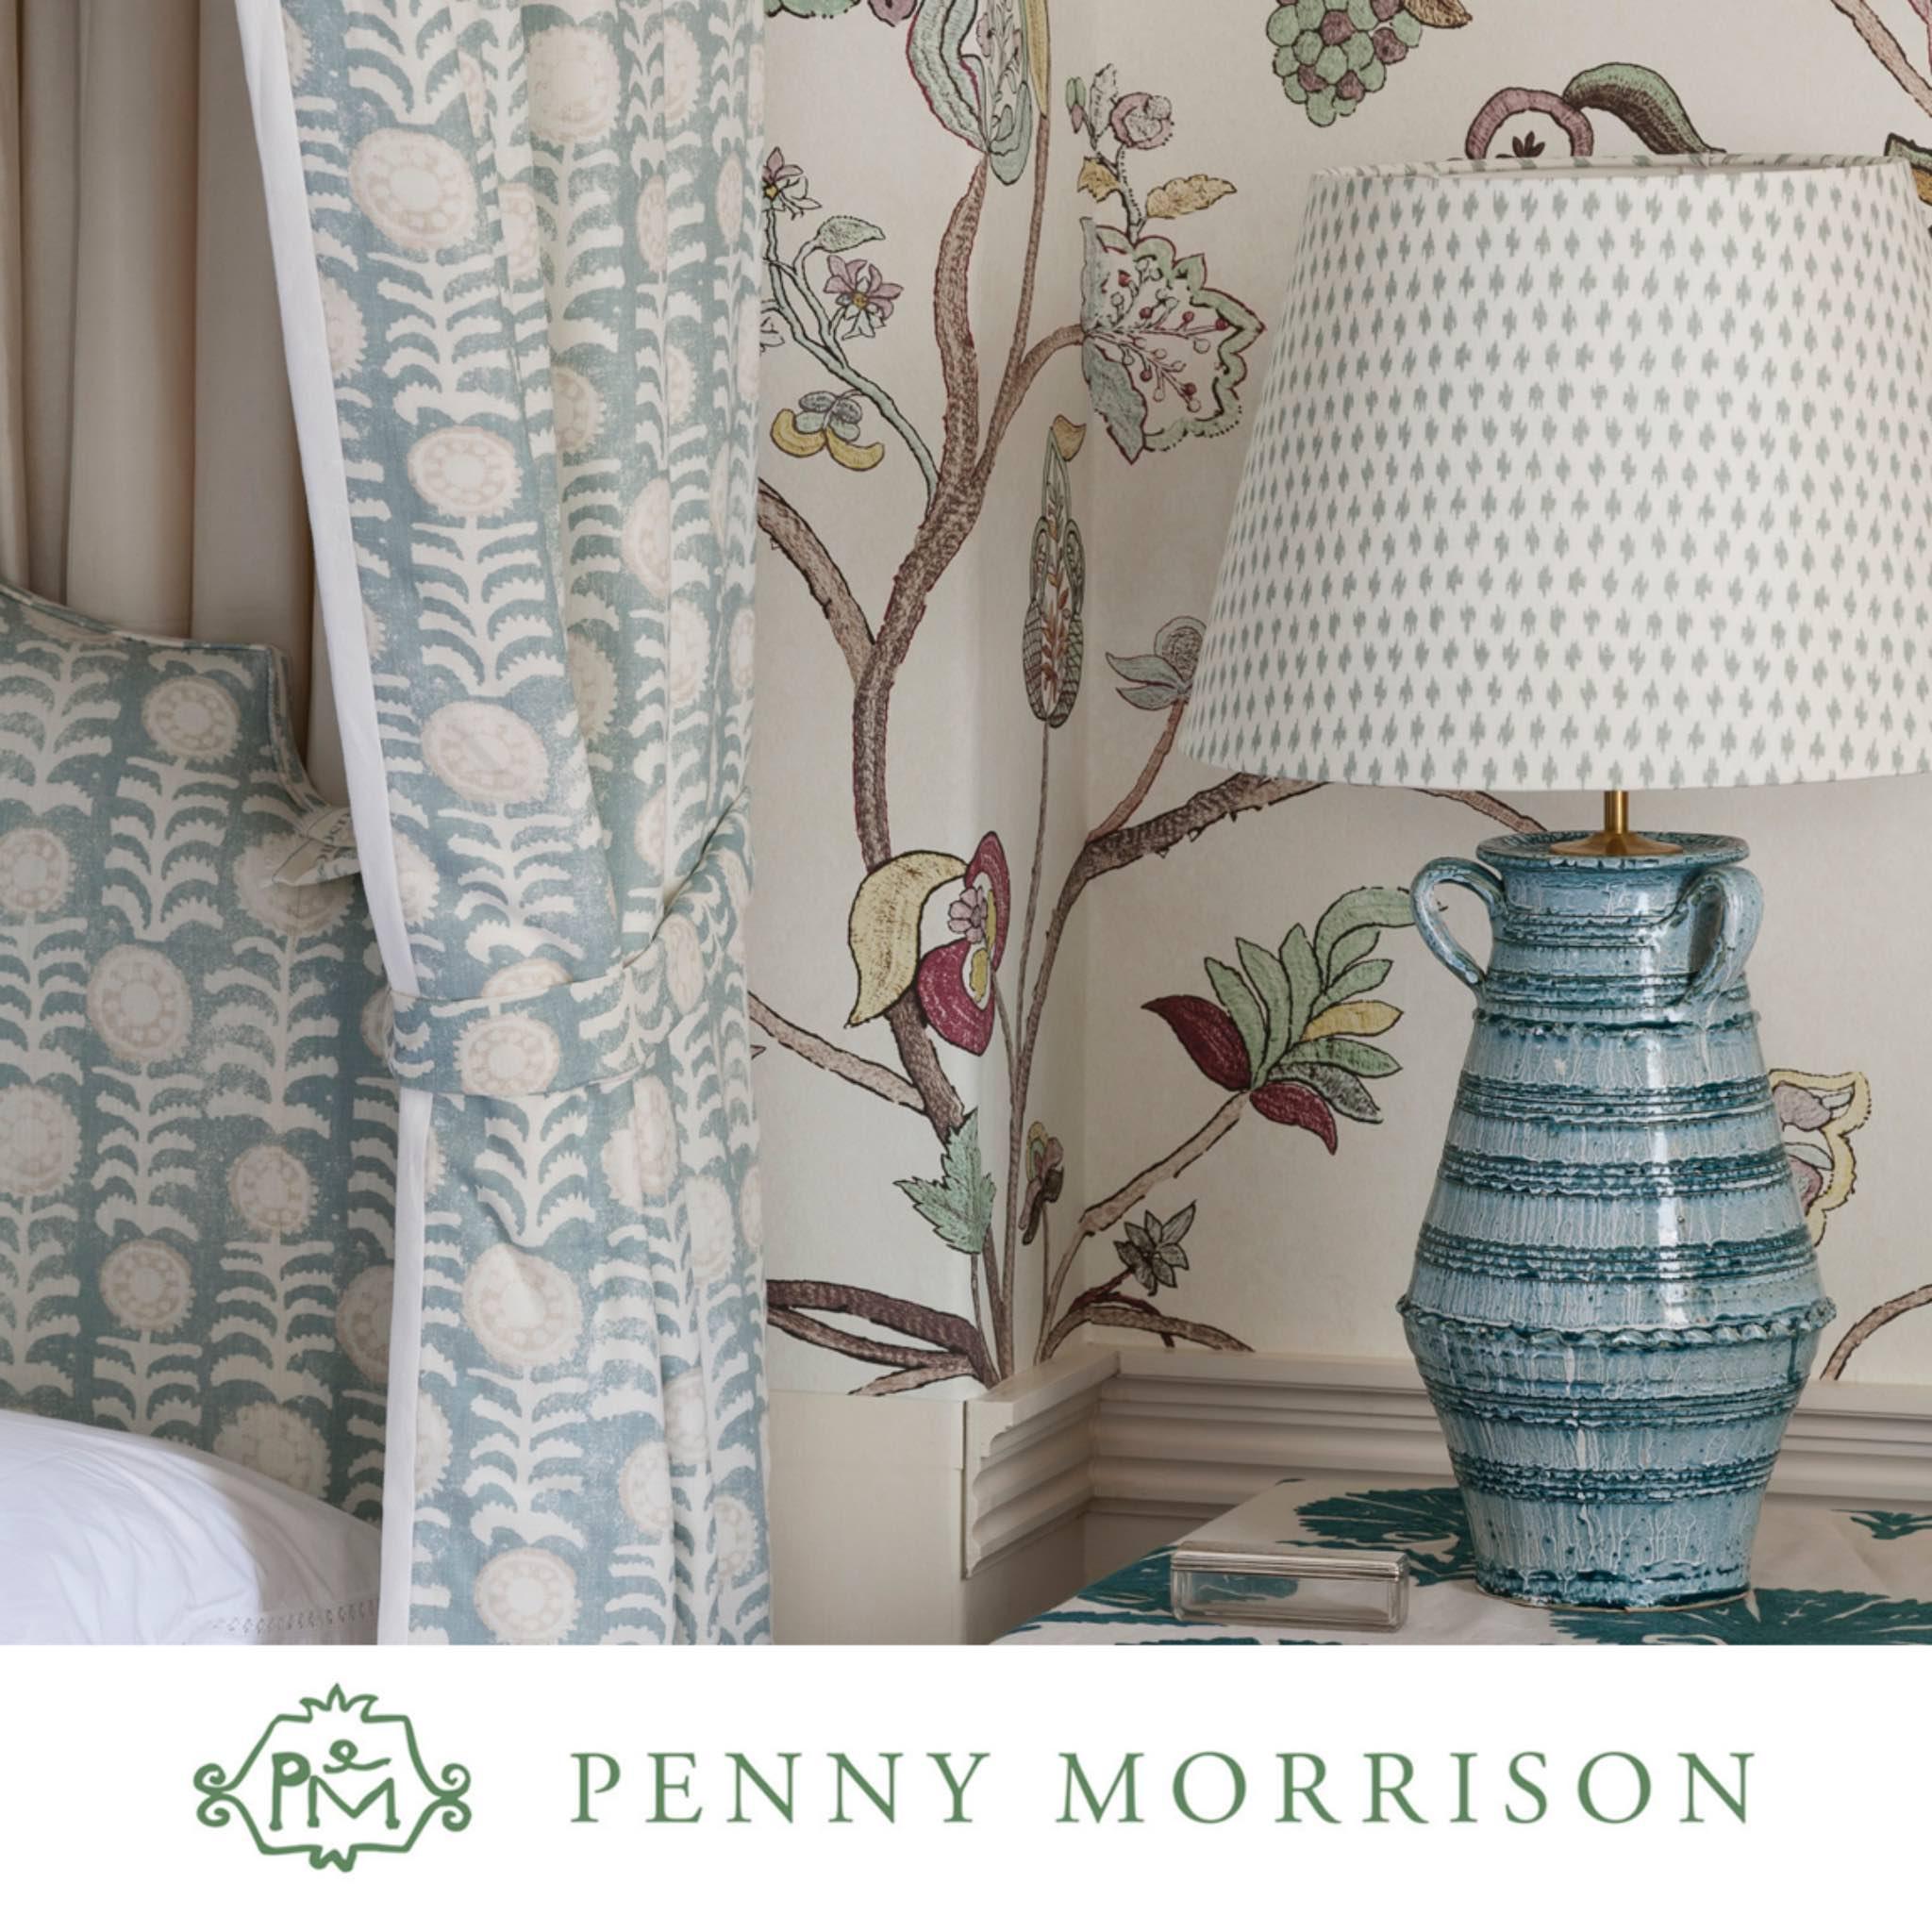 Penny Morrison.jpg